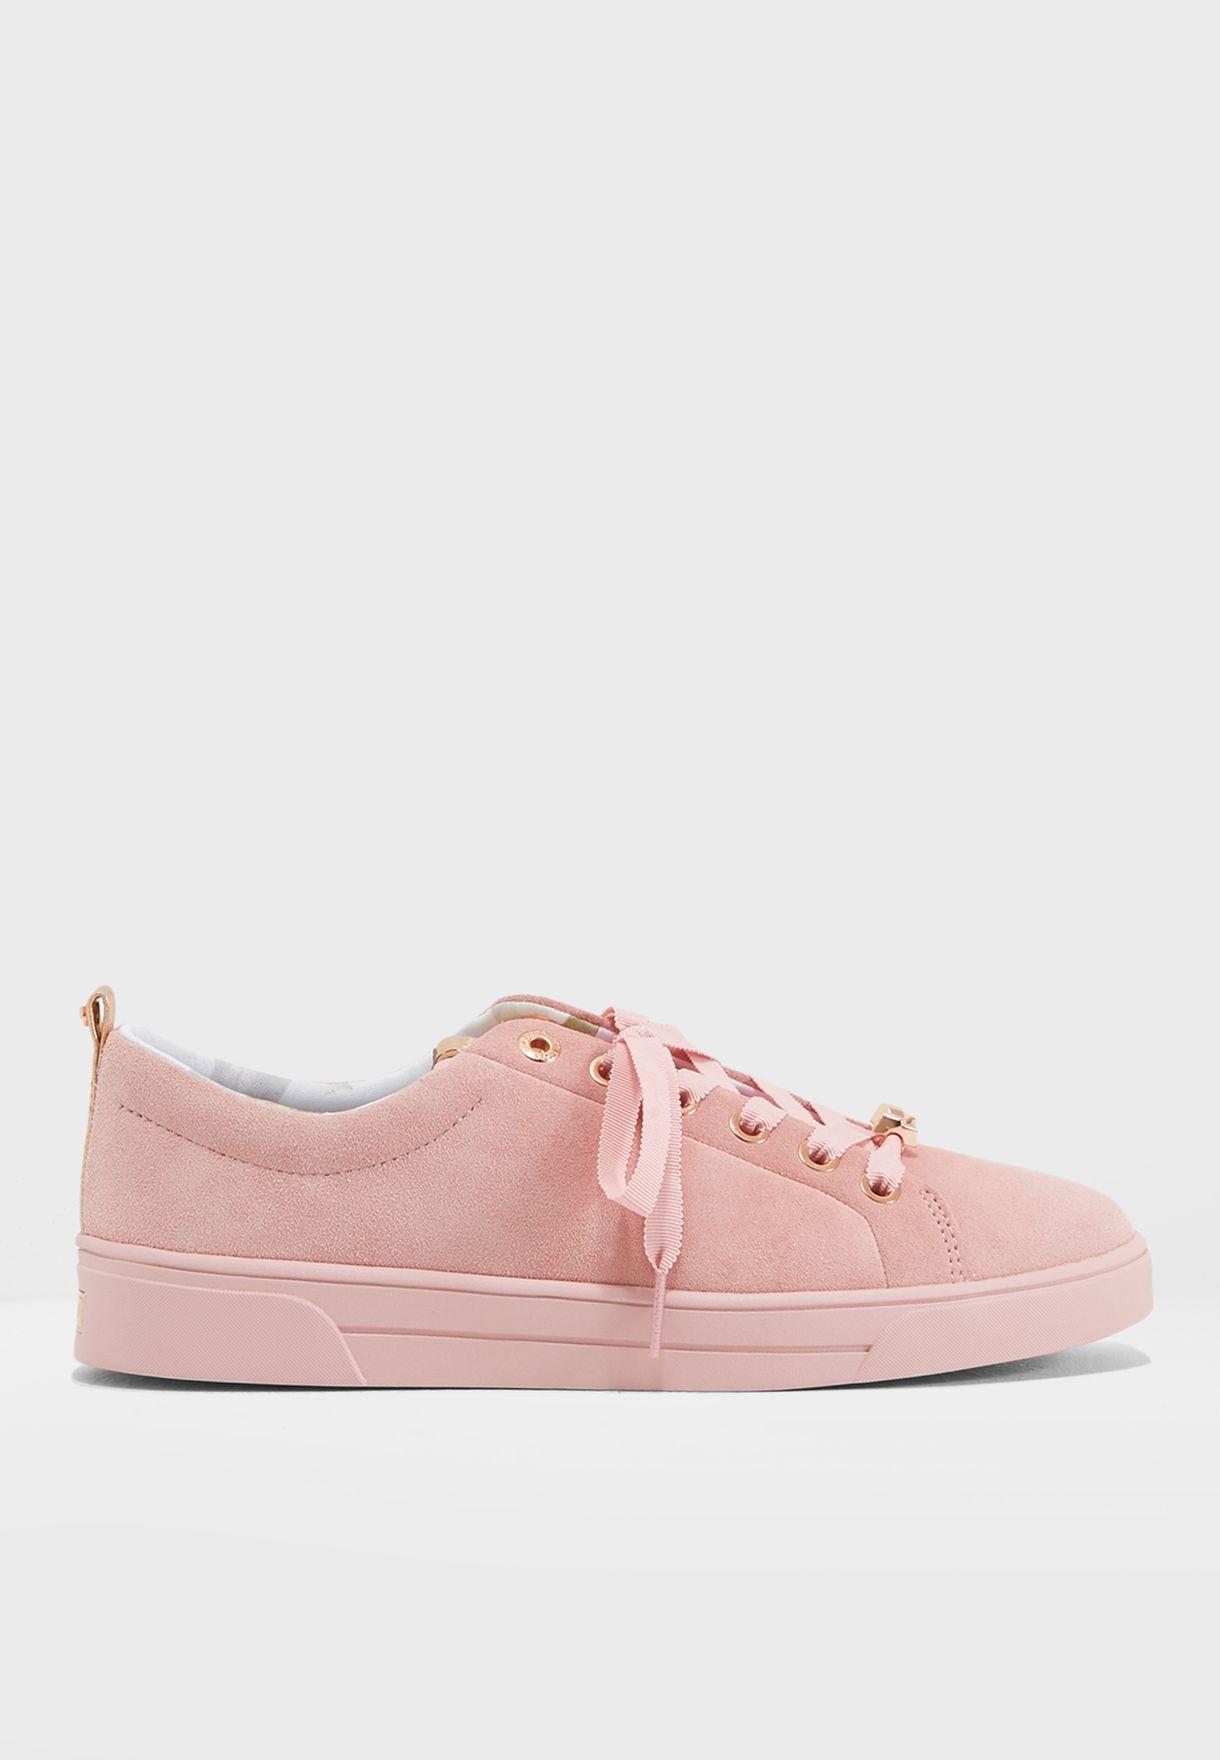 0229afa42cf815 Shop Ted baker pink Kelleis Casual Sneaker 916892 for Women in ...